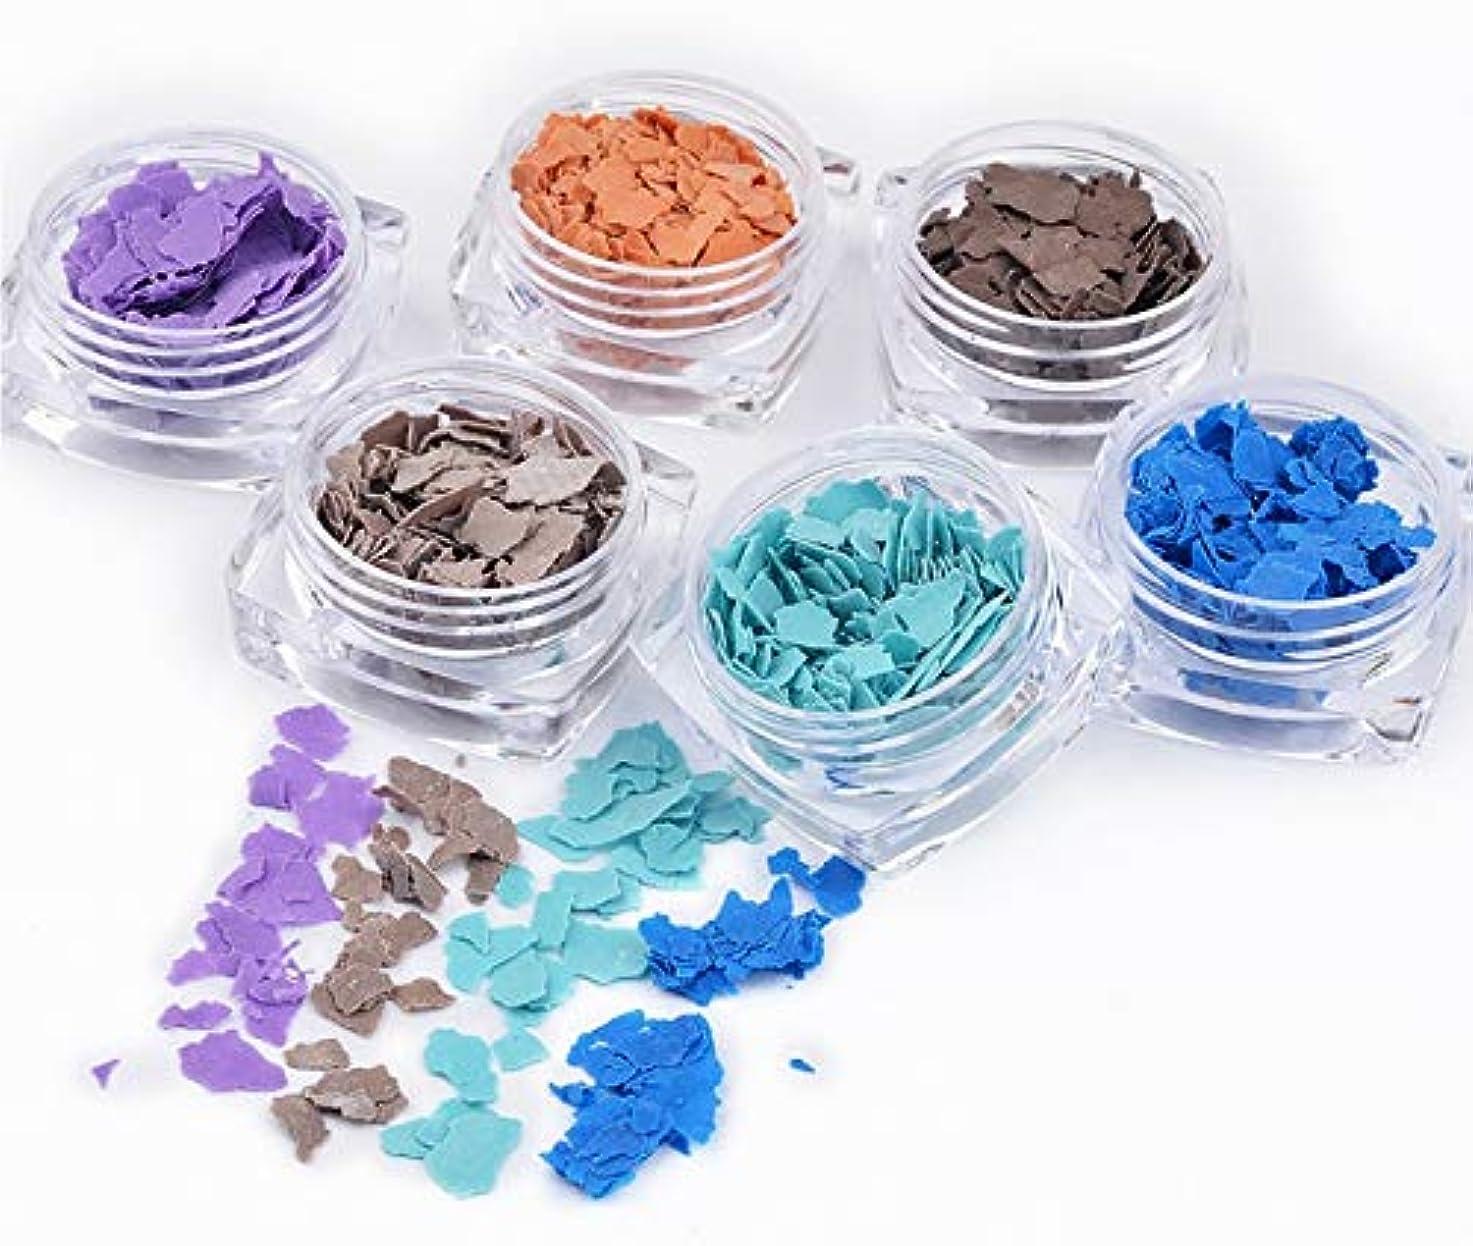 素晴らしい良い多くの圧倒的層Tianmey マイカフィルム花ミネラルフレークスライス3DネイルアートDIYデコレーションネイルズ錠ネイルデカールステッカー (Color : Blue set)